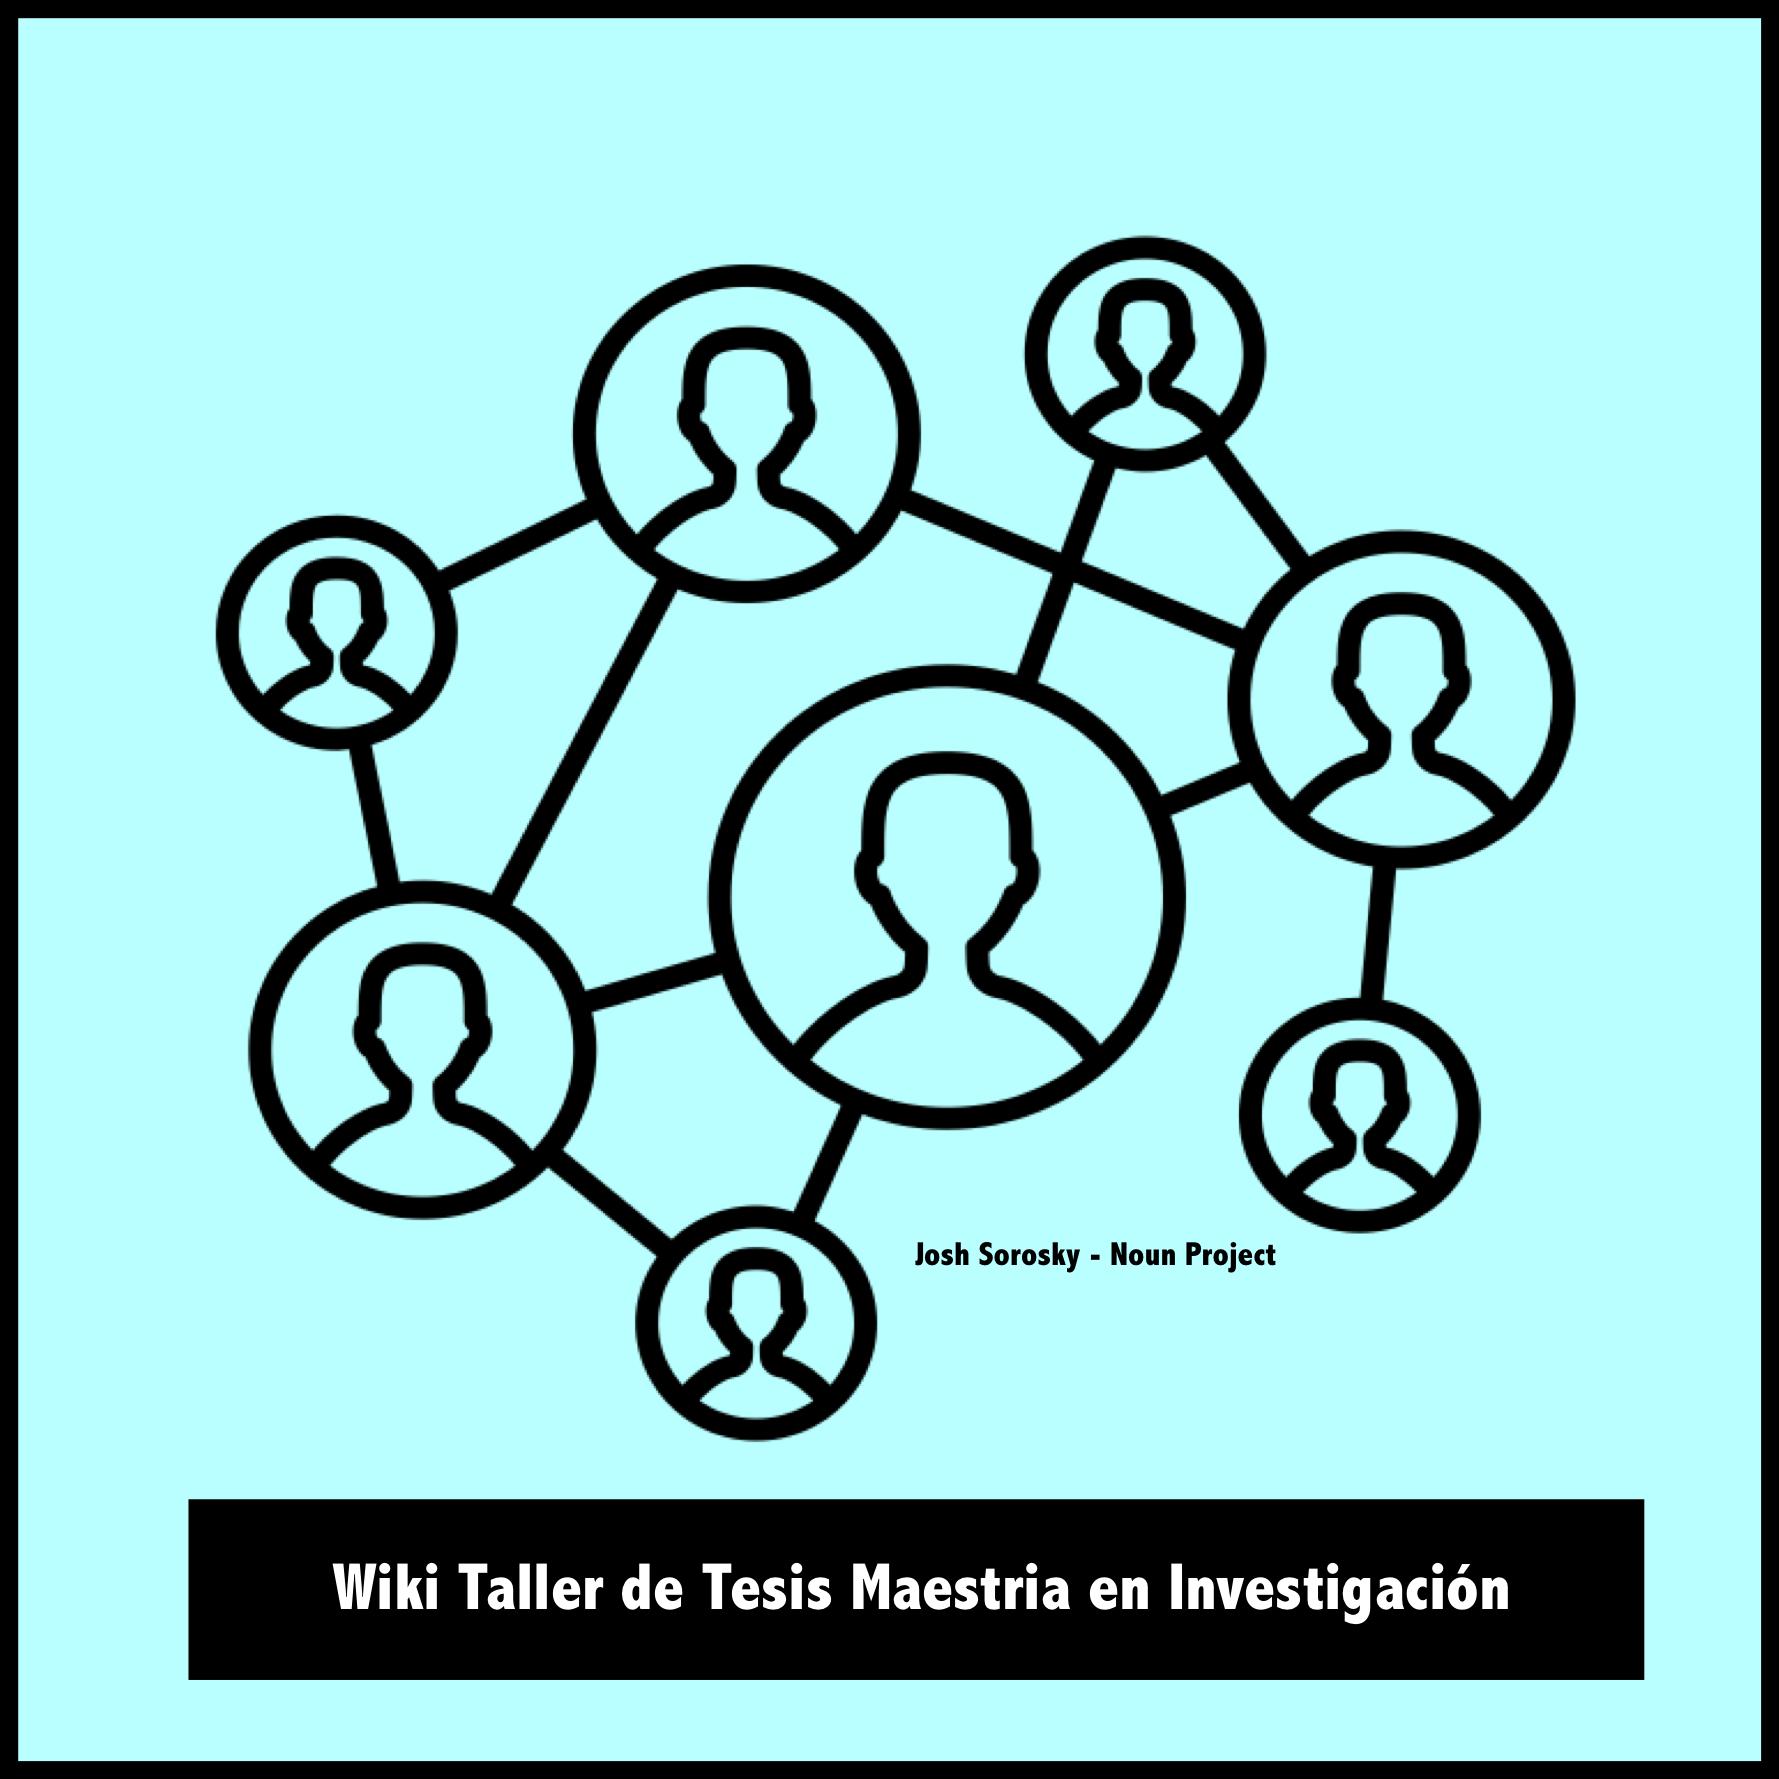 Wiki Taller de Tesis